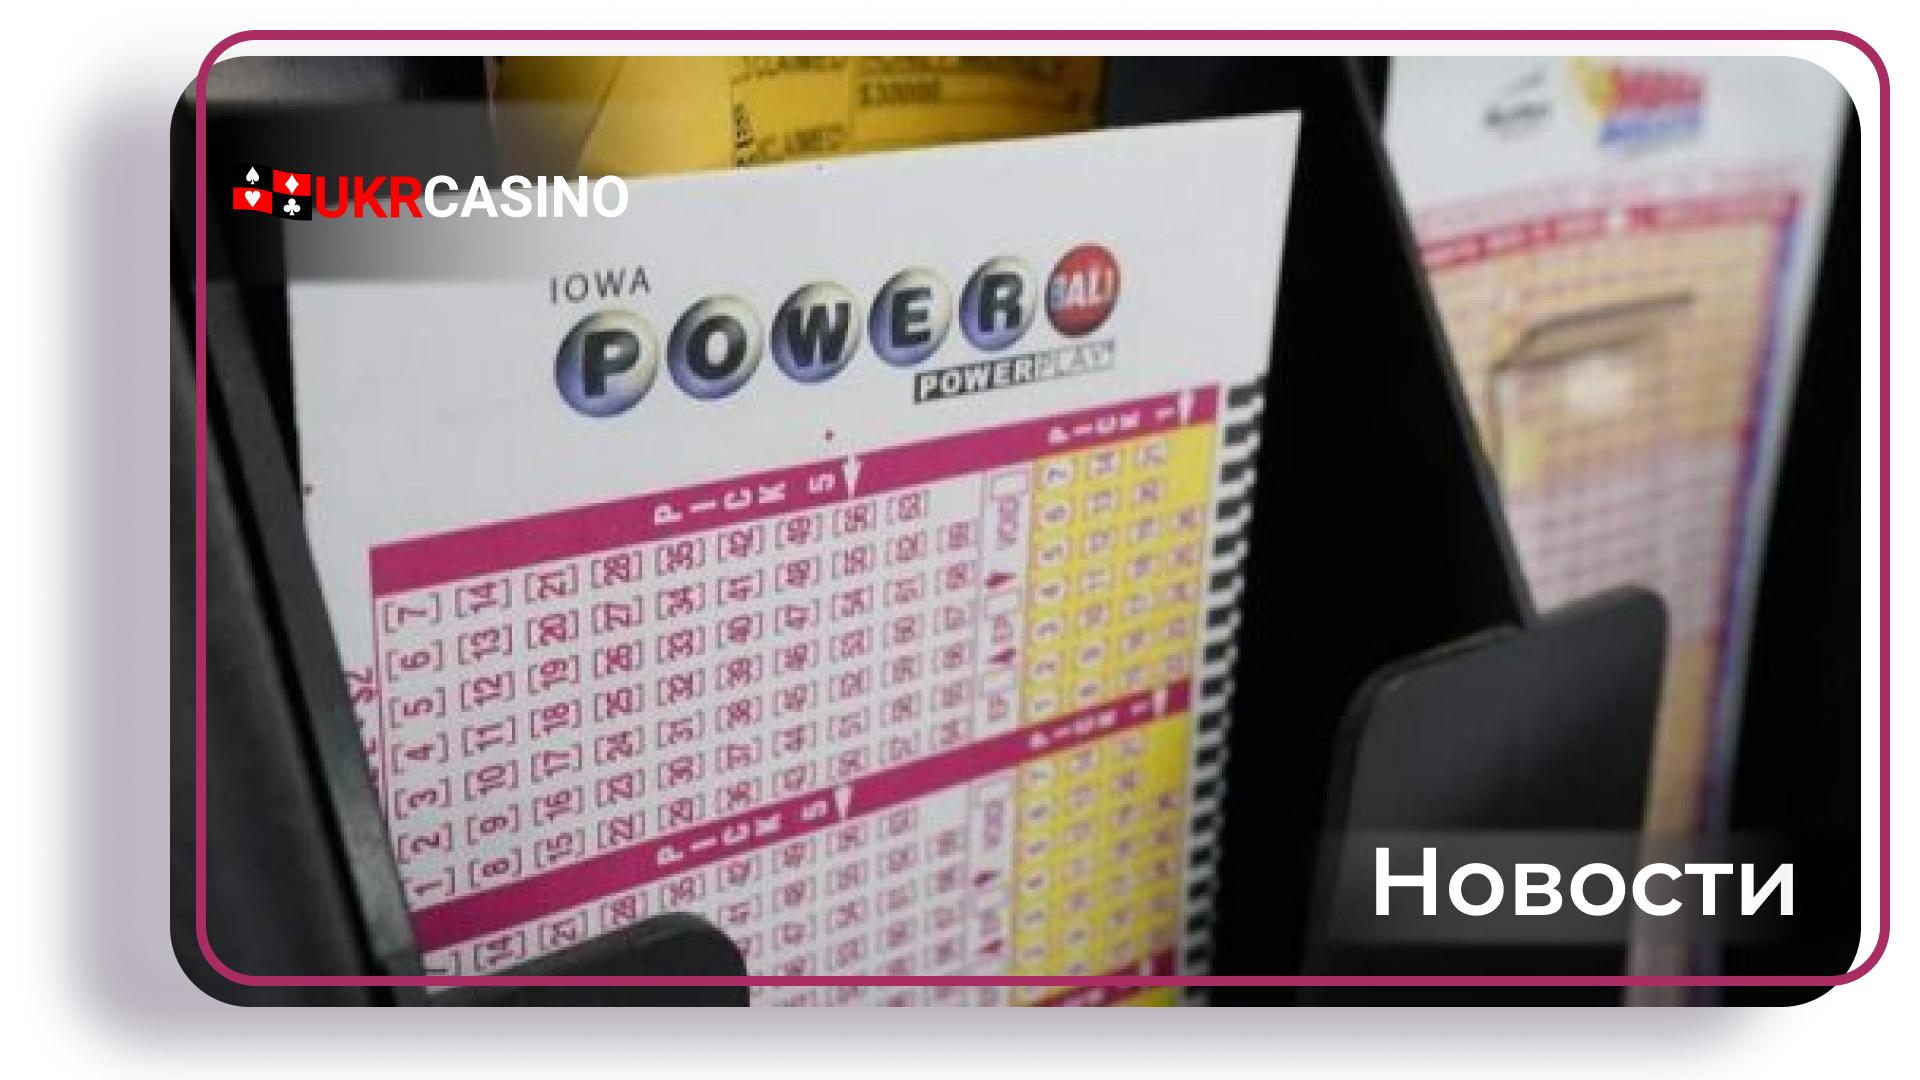 В Калифорнии продали лотерейный билет с рекордным джекпотом